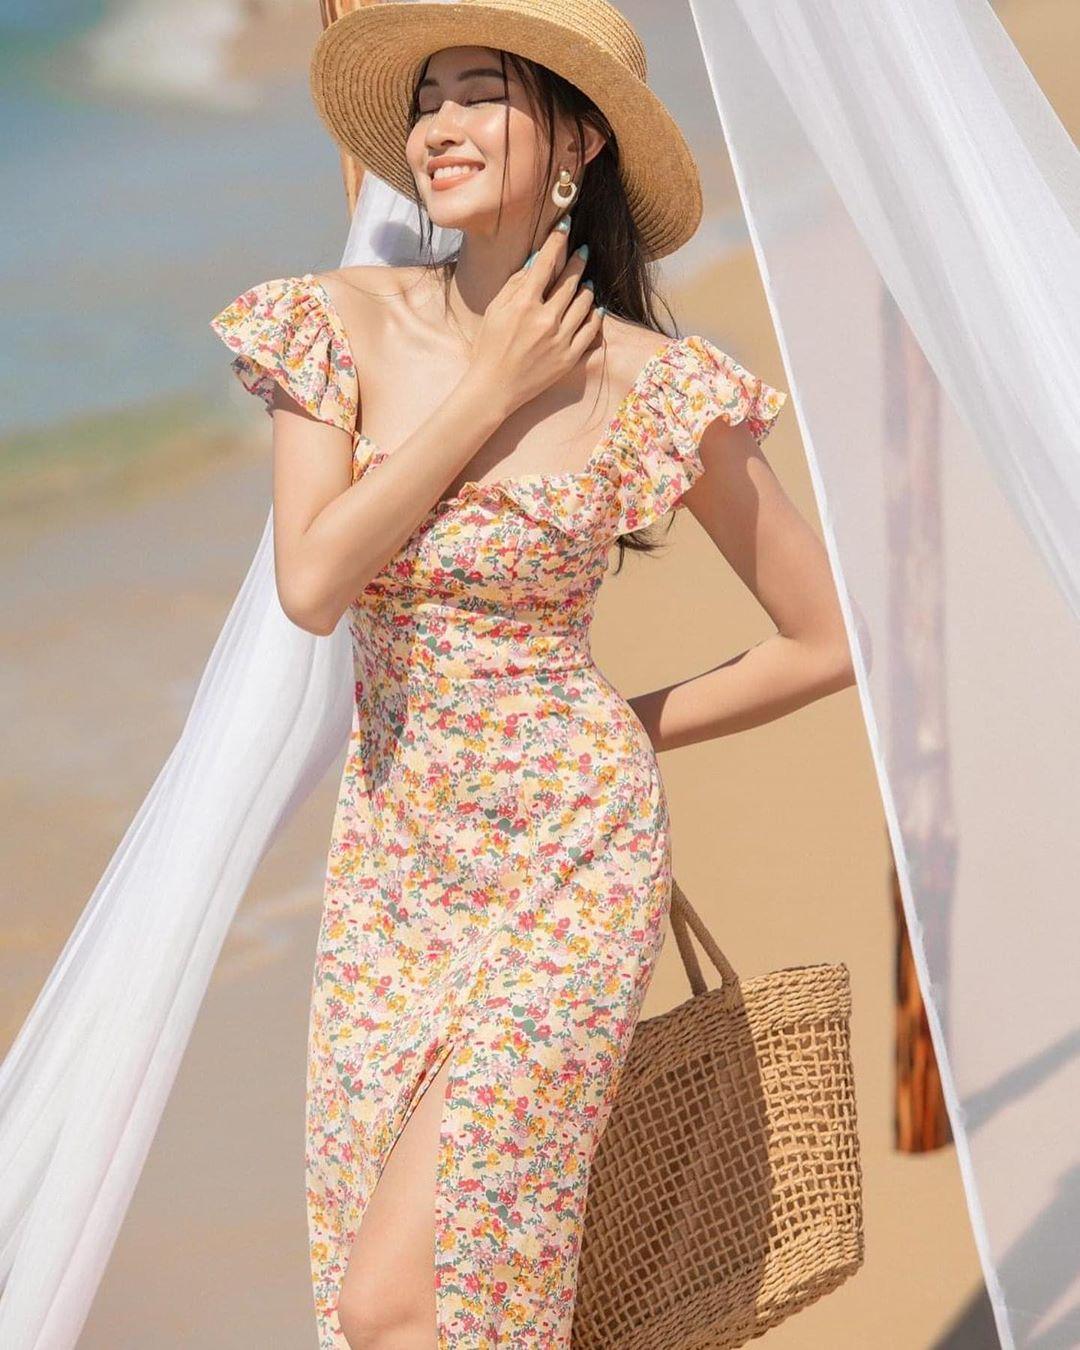 """Trời se lạnh mà """"quẩy"""" váy dáng dài là style sẽ yêu kiều như gái Pháp, điểm sang chảnh cũng tăng ngùn ngụt - Ảnh 8."""